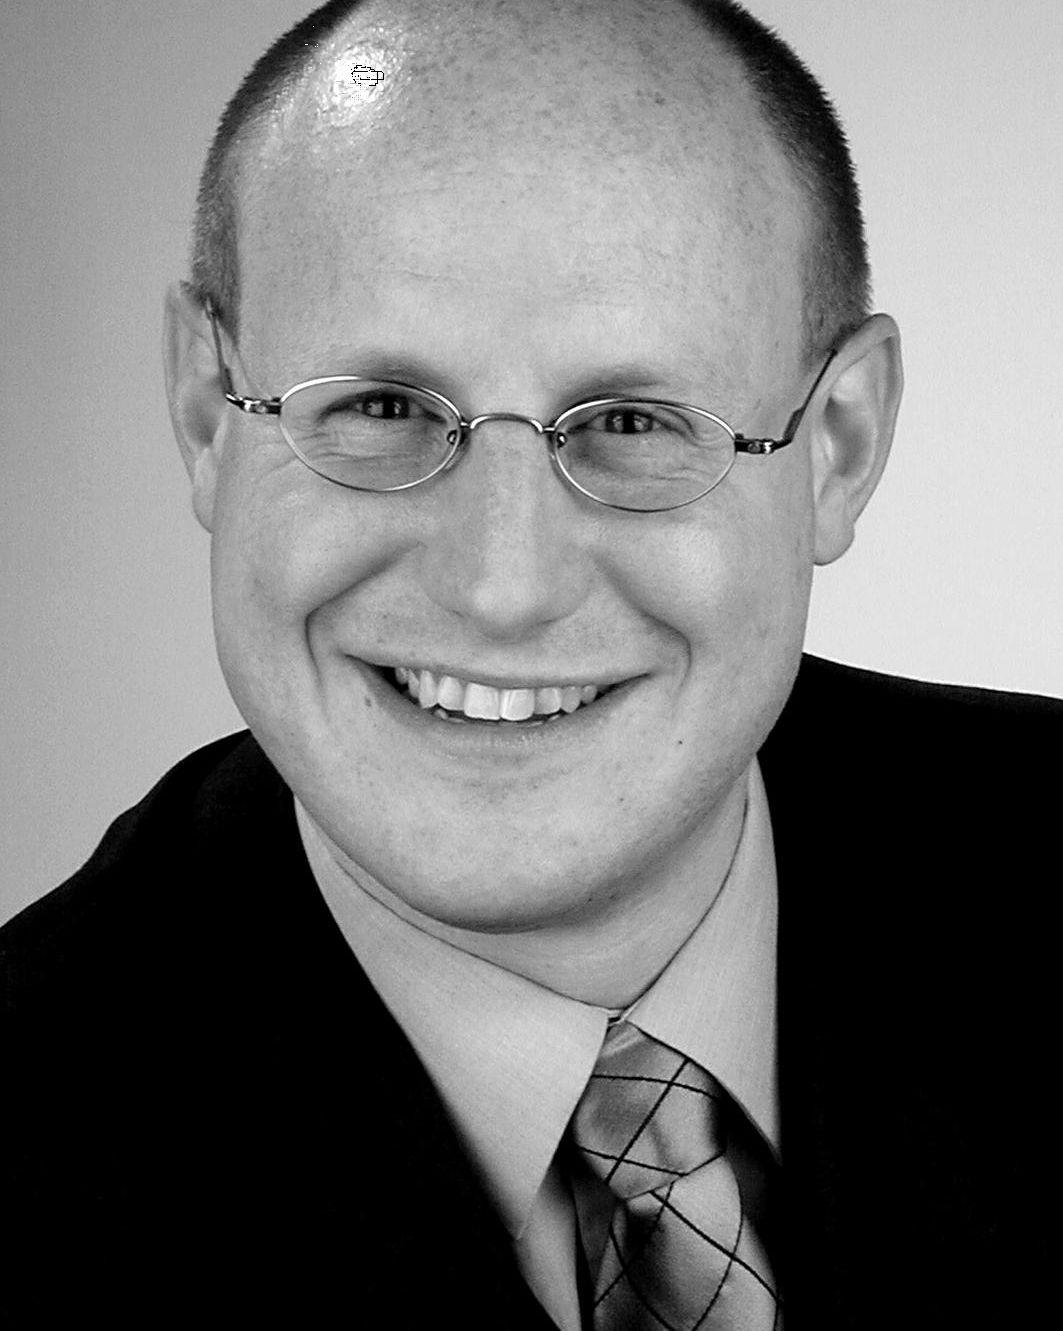 David Leonhard